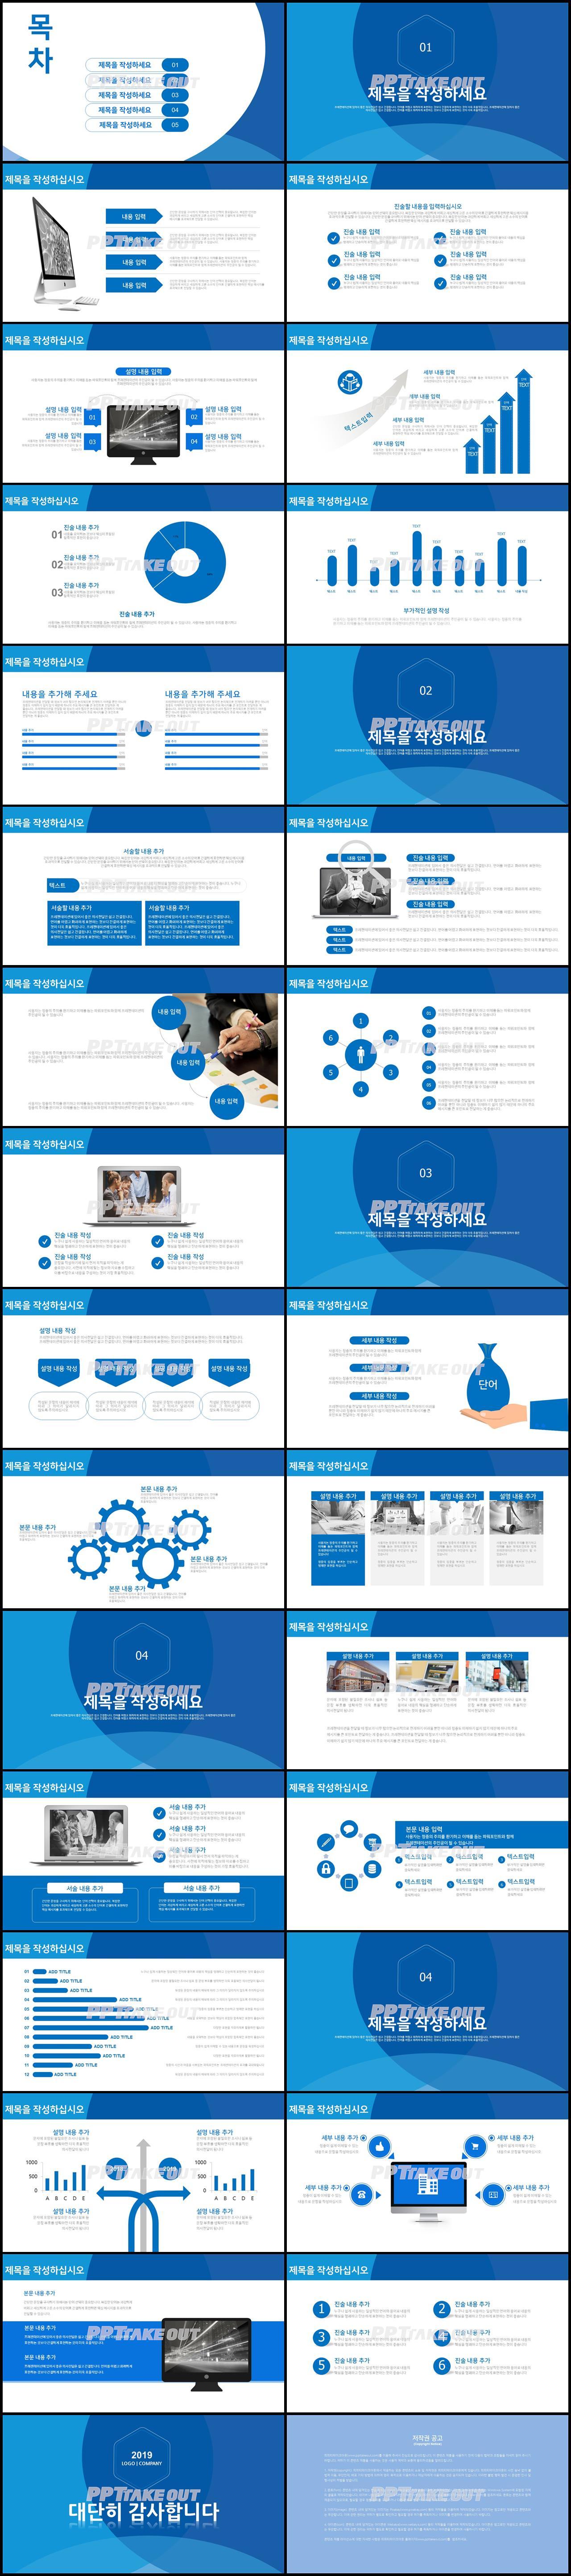 사업융자 푸른색 동화느낌 매력적인 POWERPOINT양식 제작 상세보기